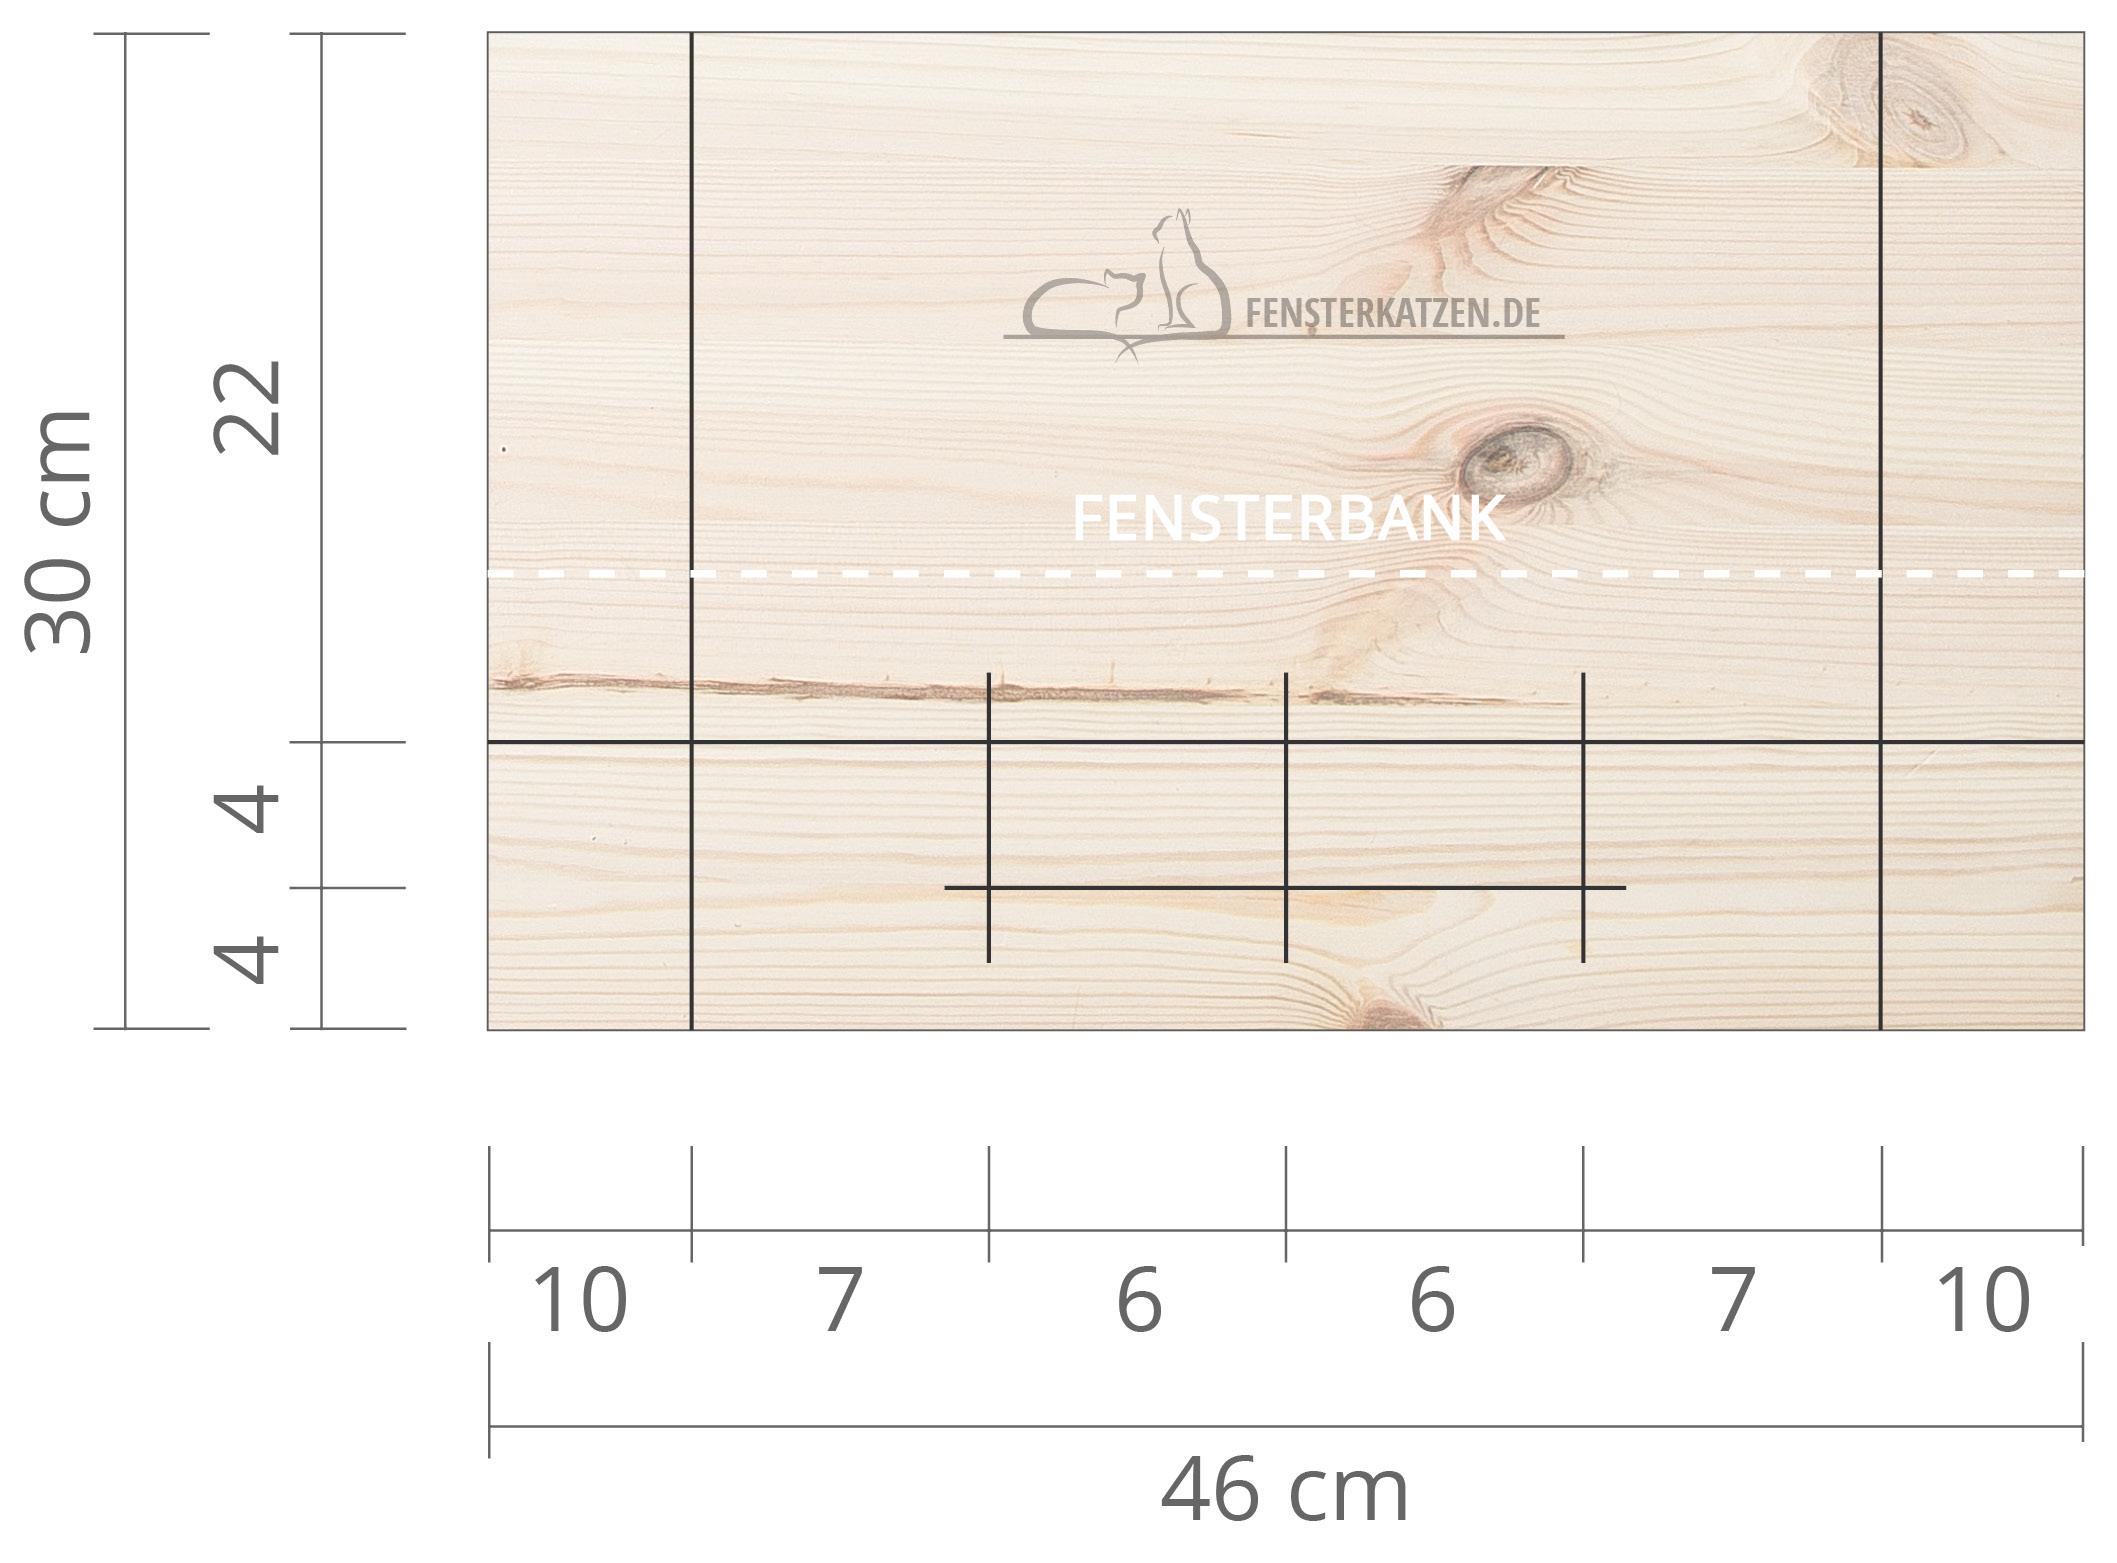 Fensterkatzen-DIY-Fensterliege-hundkatzemaus-Zeichnung-Hilfslinien